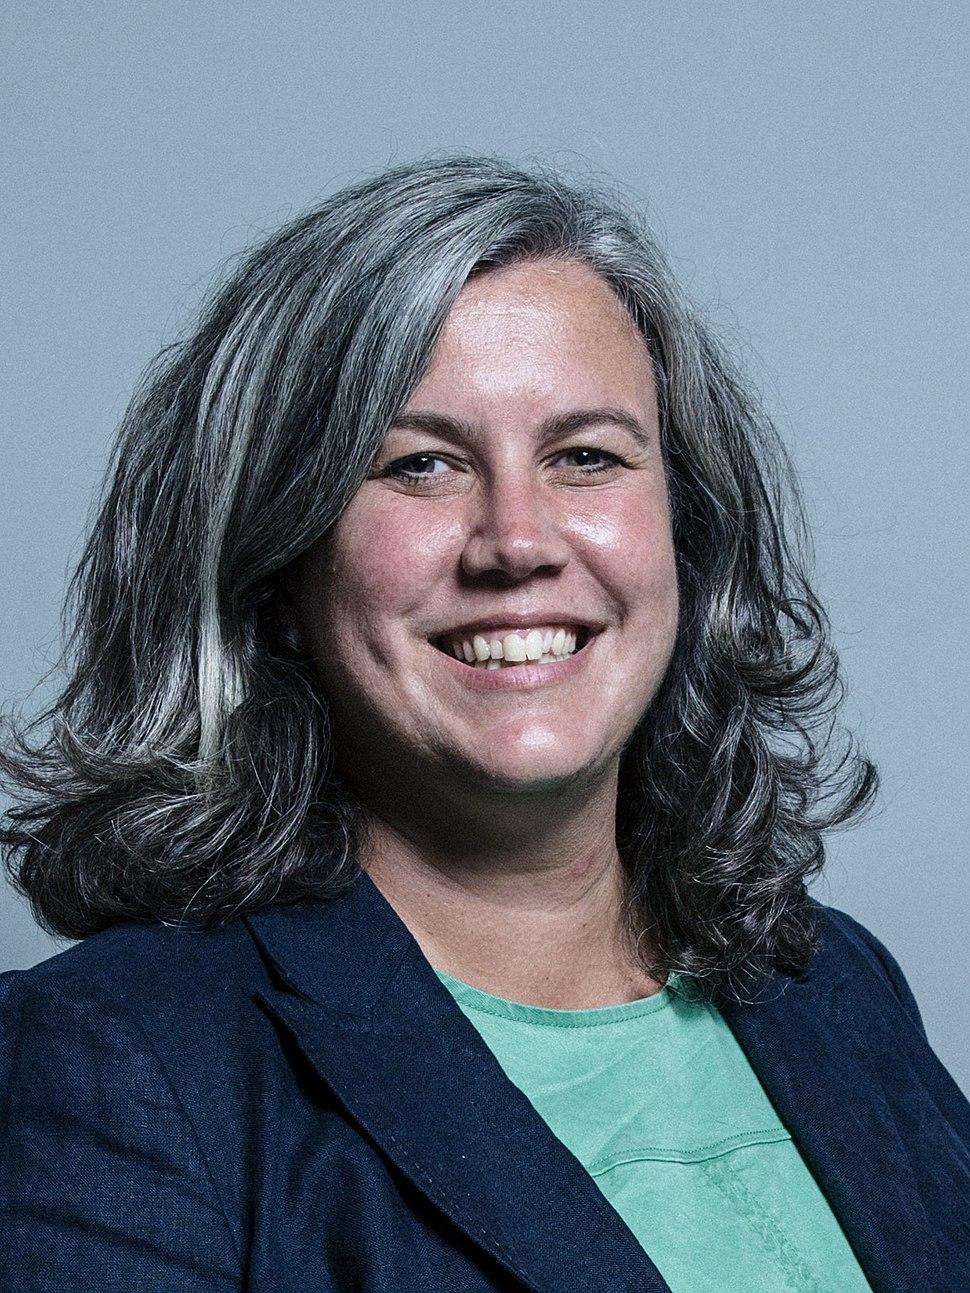 Official portrait of Heidi Alexander crop 2